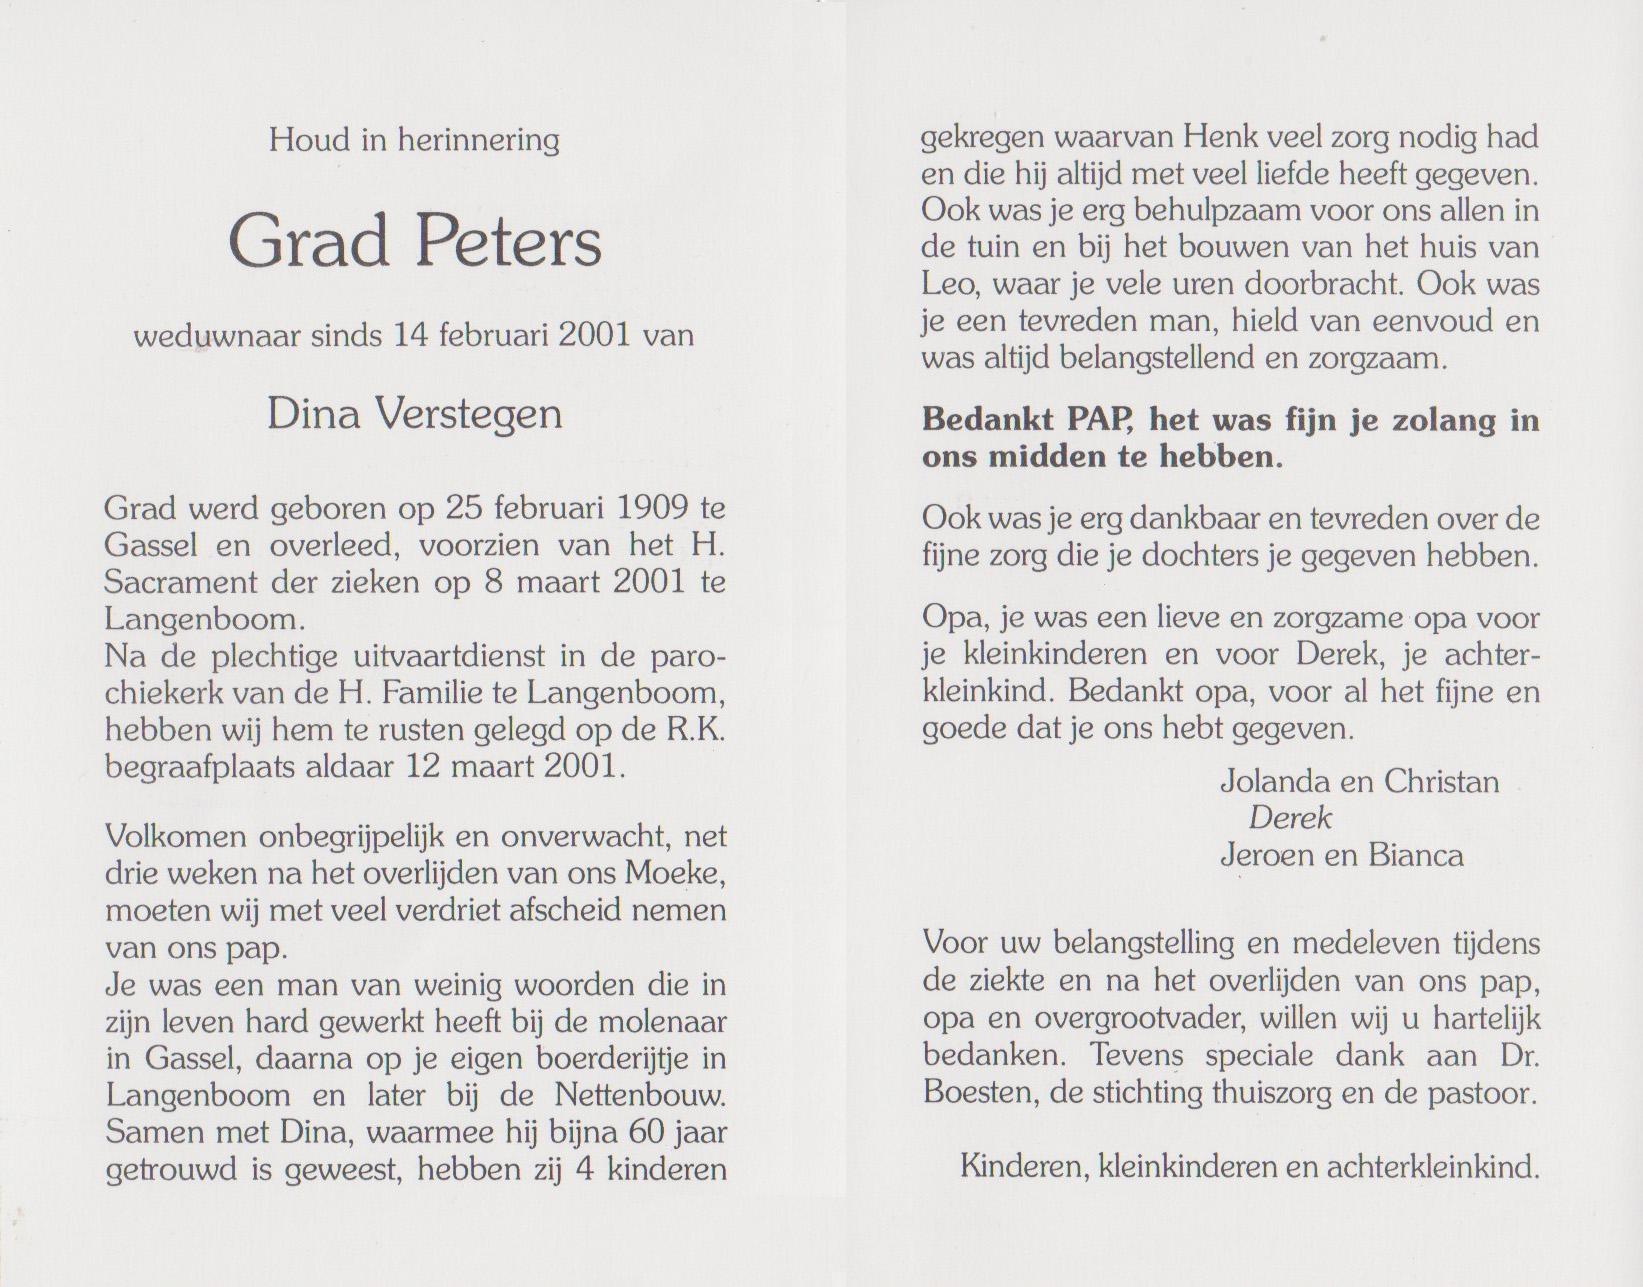 Bidprentje Gerardus LaurentiusPeters